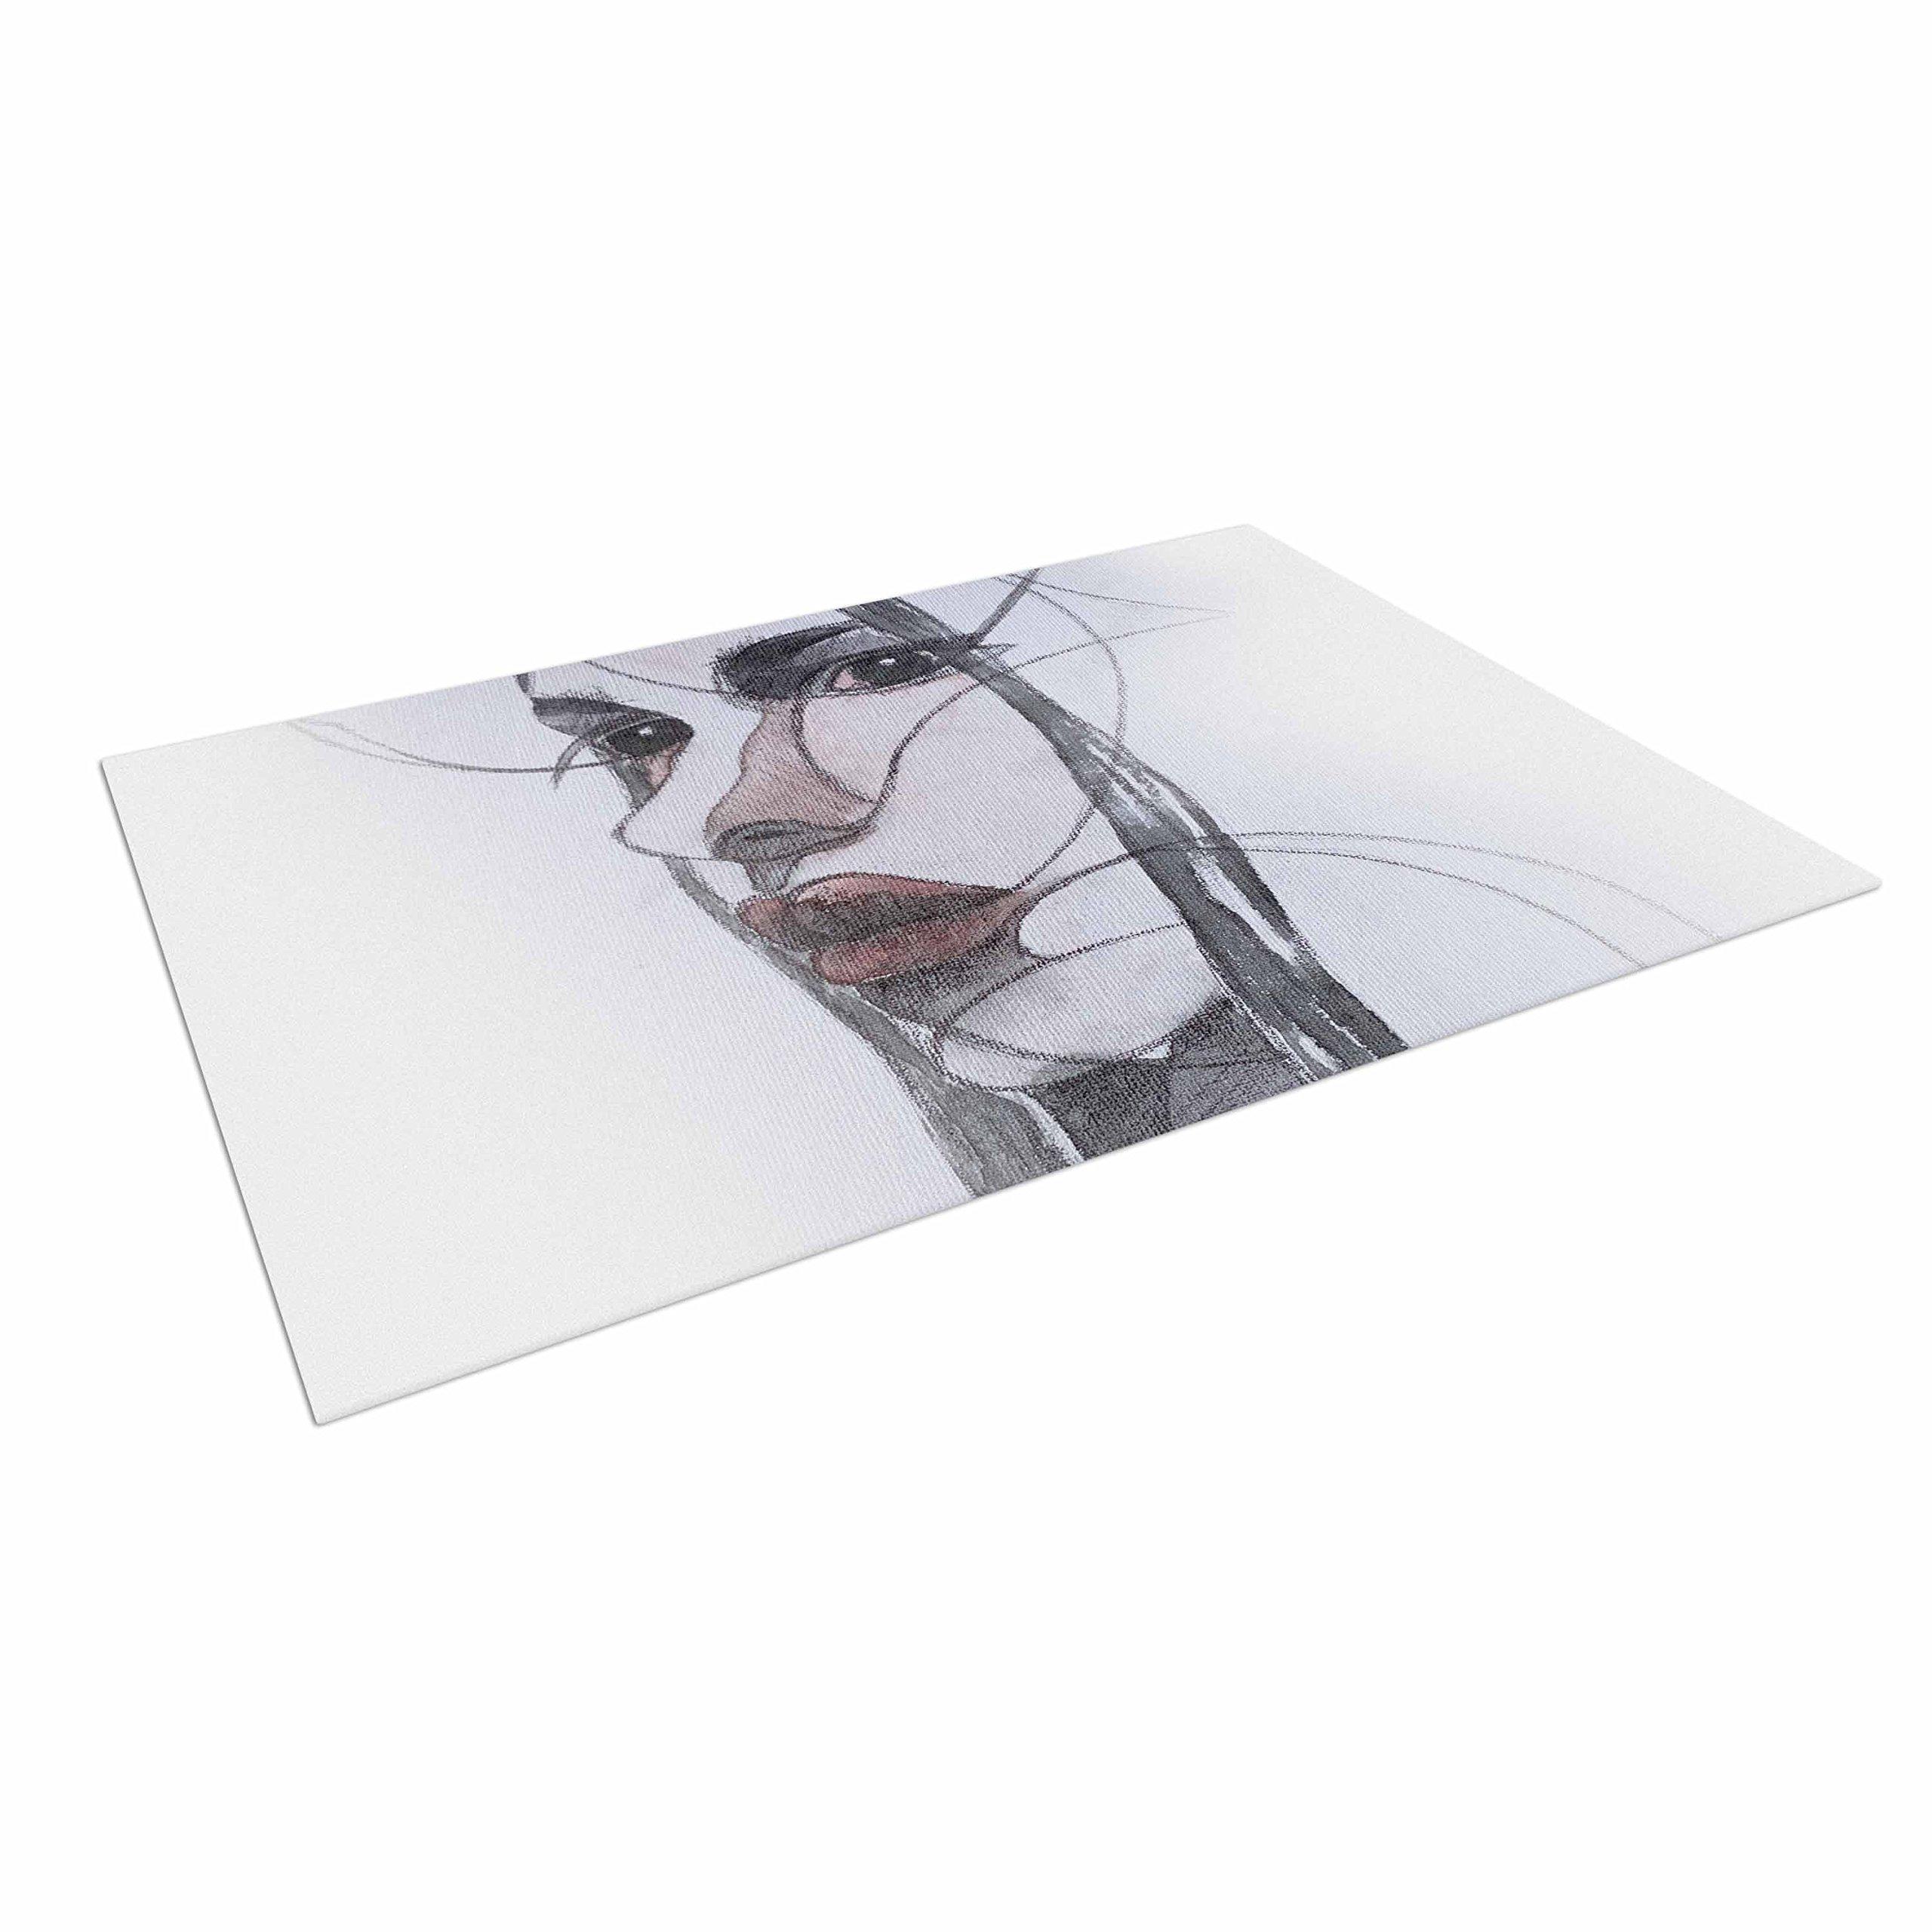 KESS InHouse Maria Bazarova ''Young Girl'' Red Black Outdoor Floor Mat, 4' x 5'